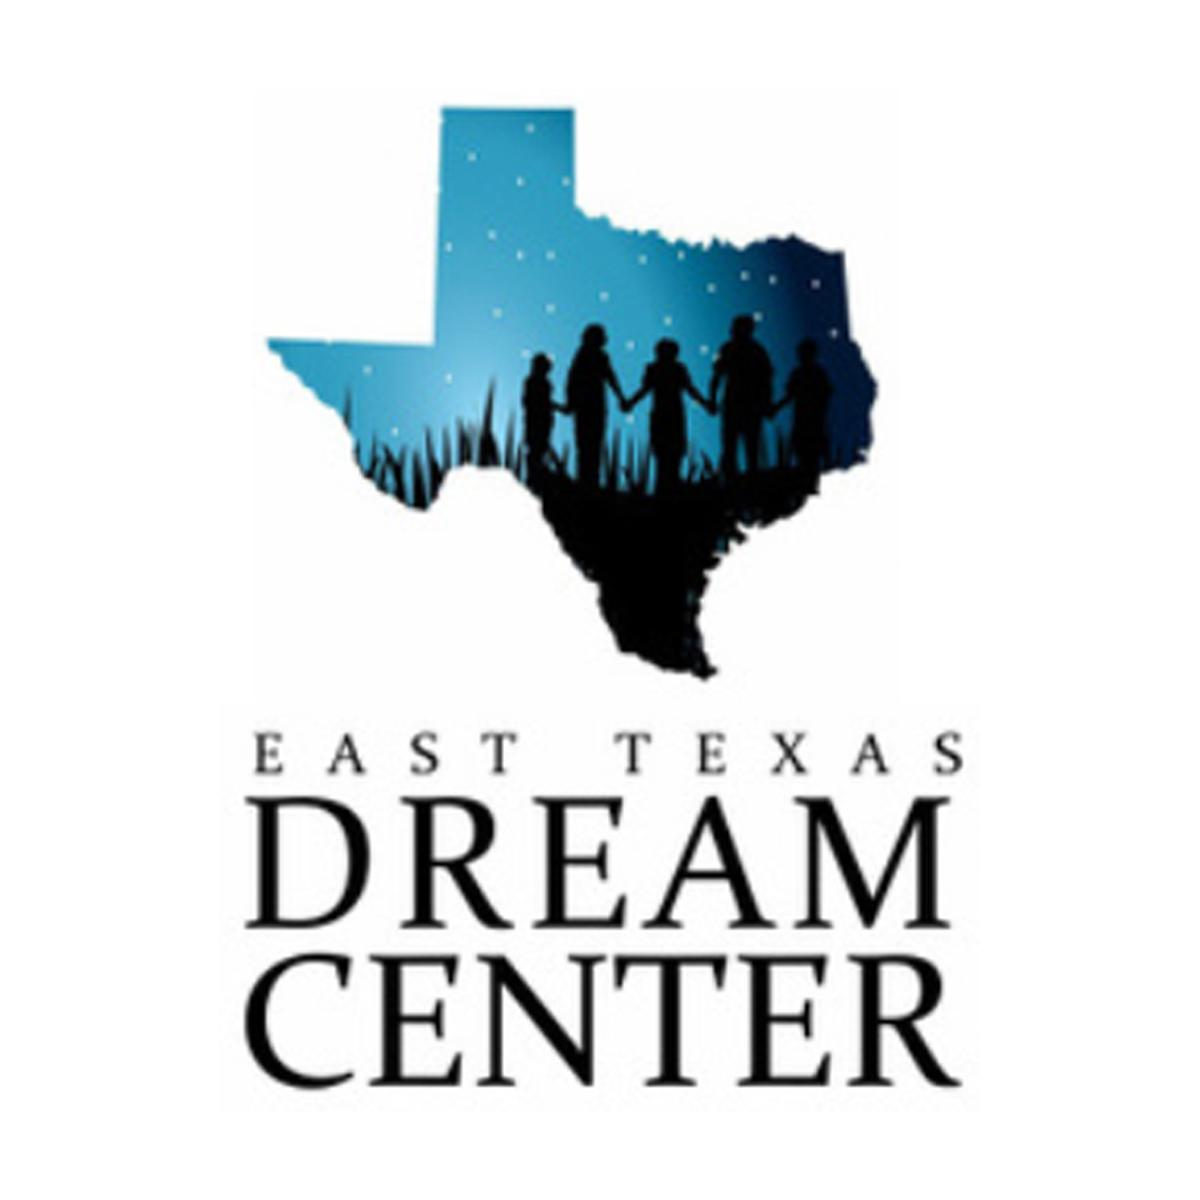 east texas dream center